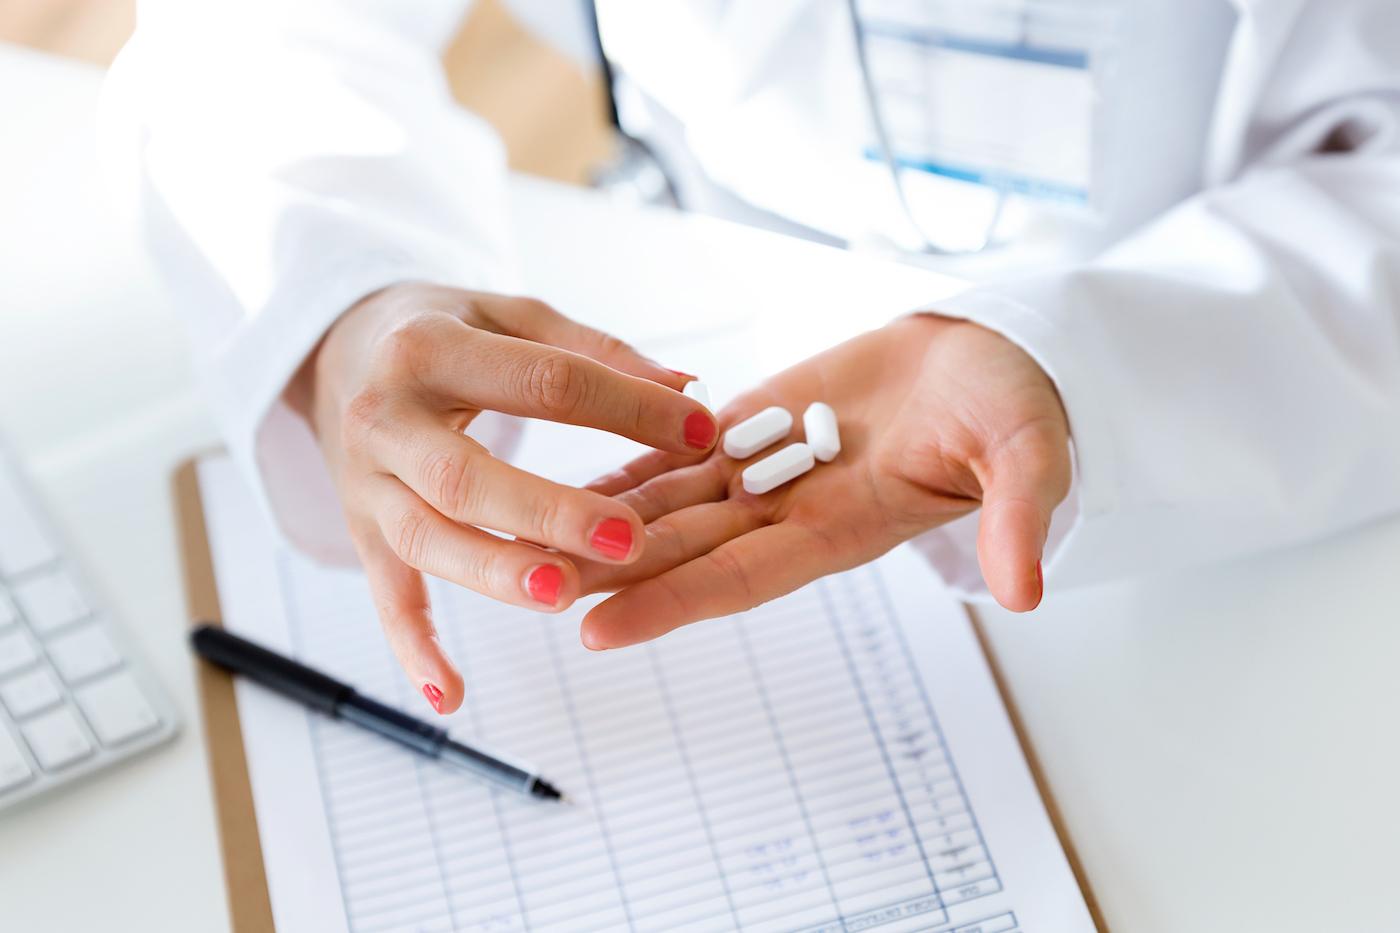 بهترین زمان مصرف اسیدفولیک در بارداری